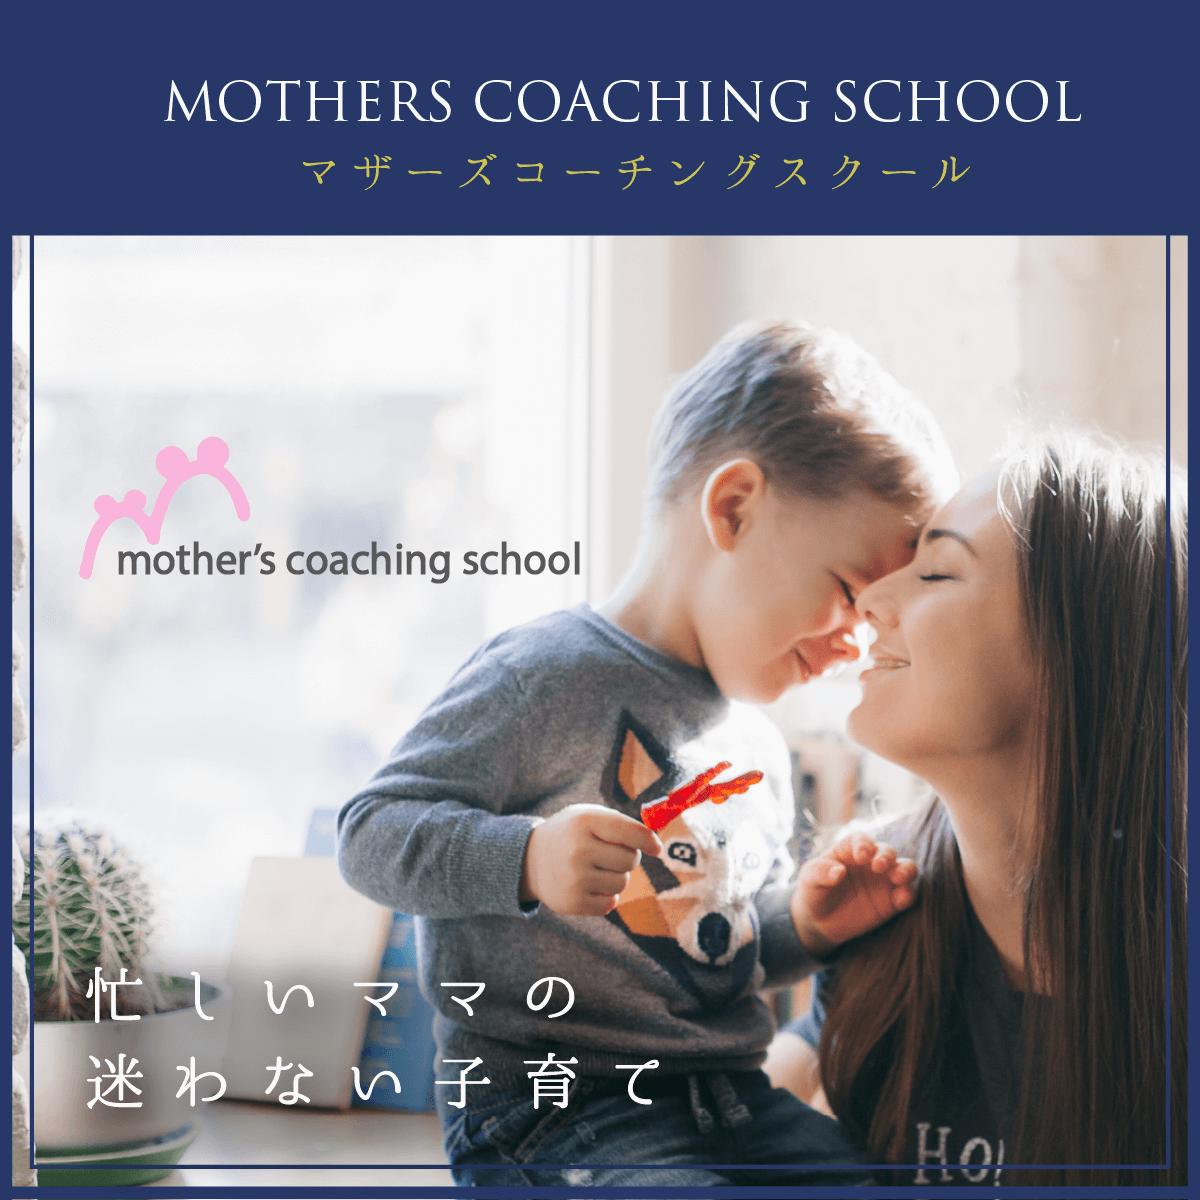 マザーズコーチングスクール(MCS)